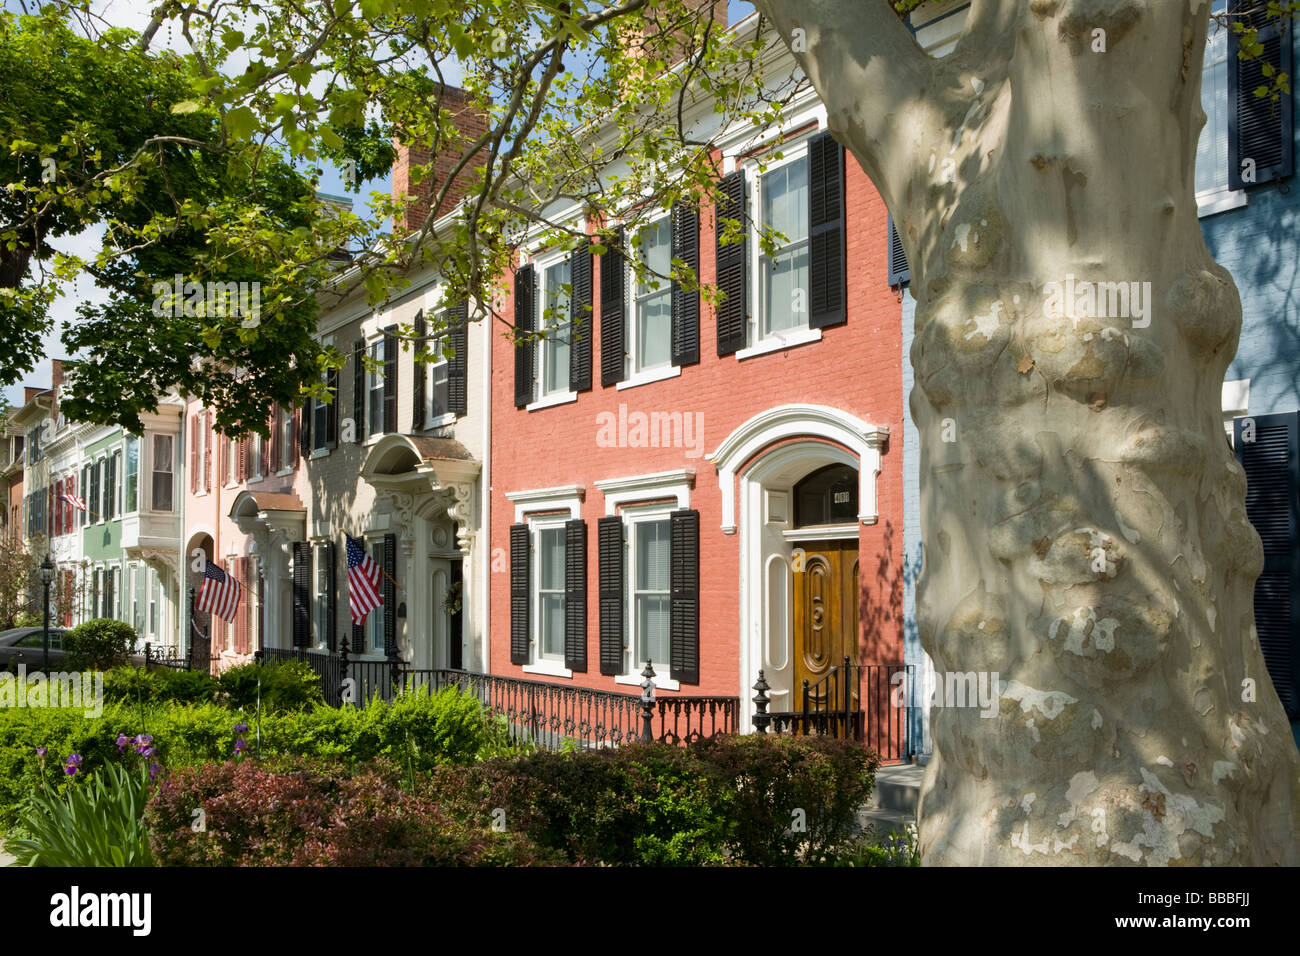 Federale di architettura di stile a Ginevra New York Ontario County Regione dei Laghi Finger Immagini Stock